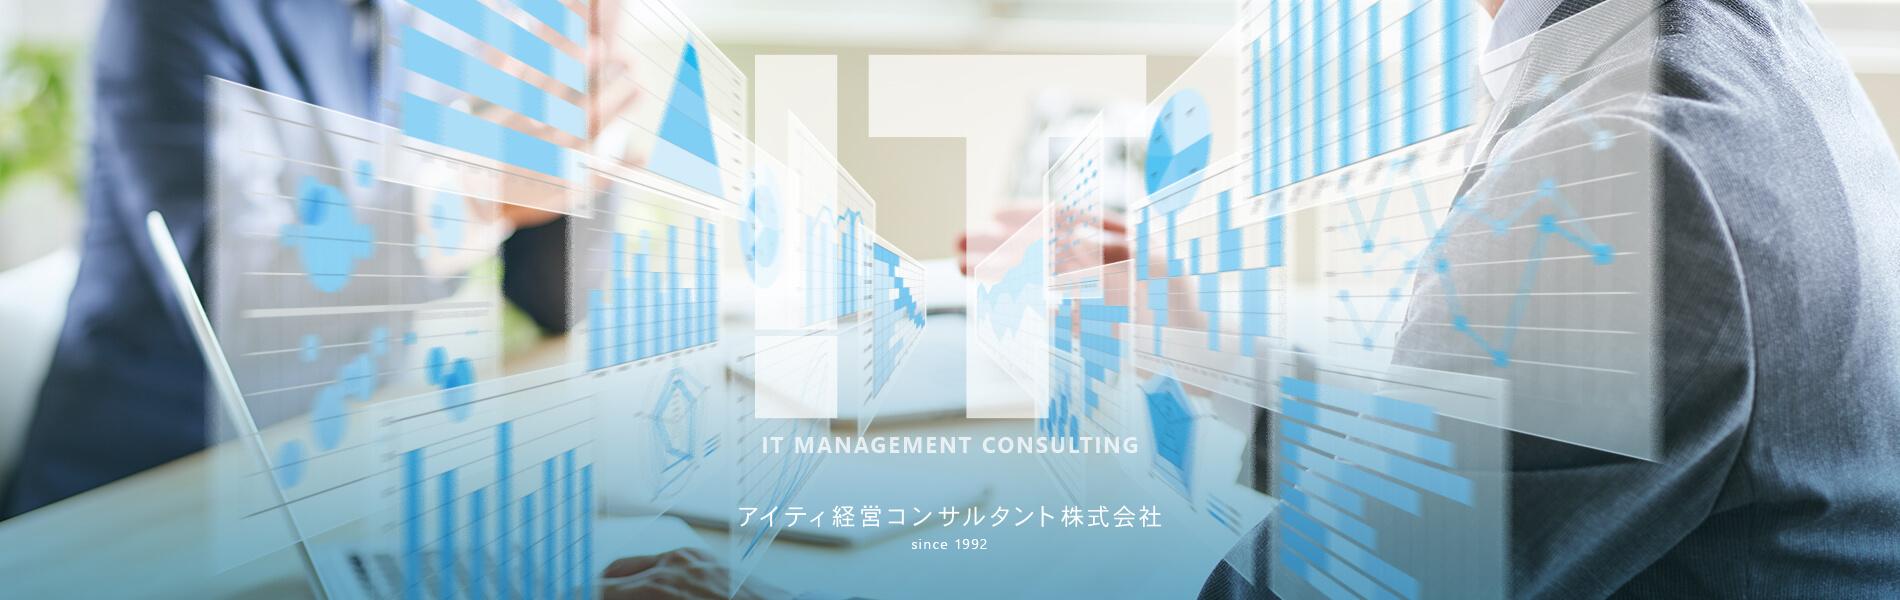 IT経営コンサルティング